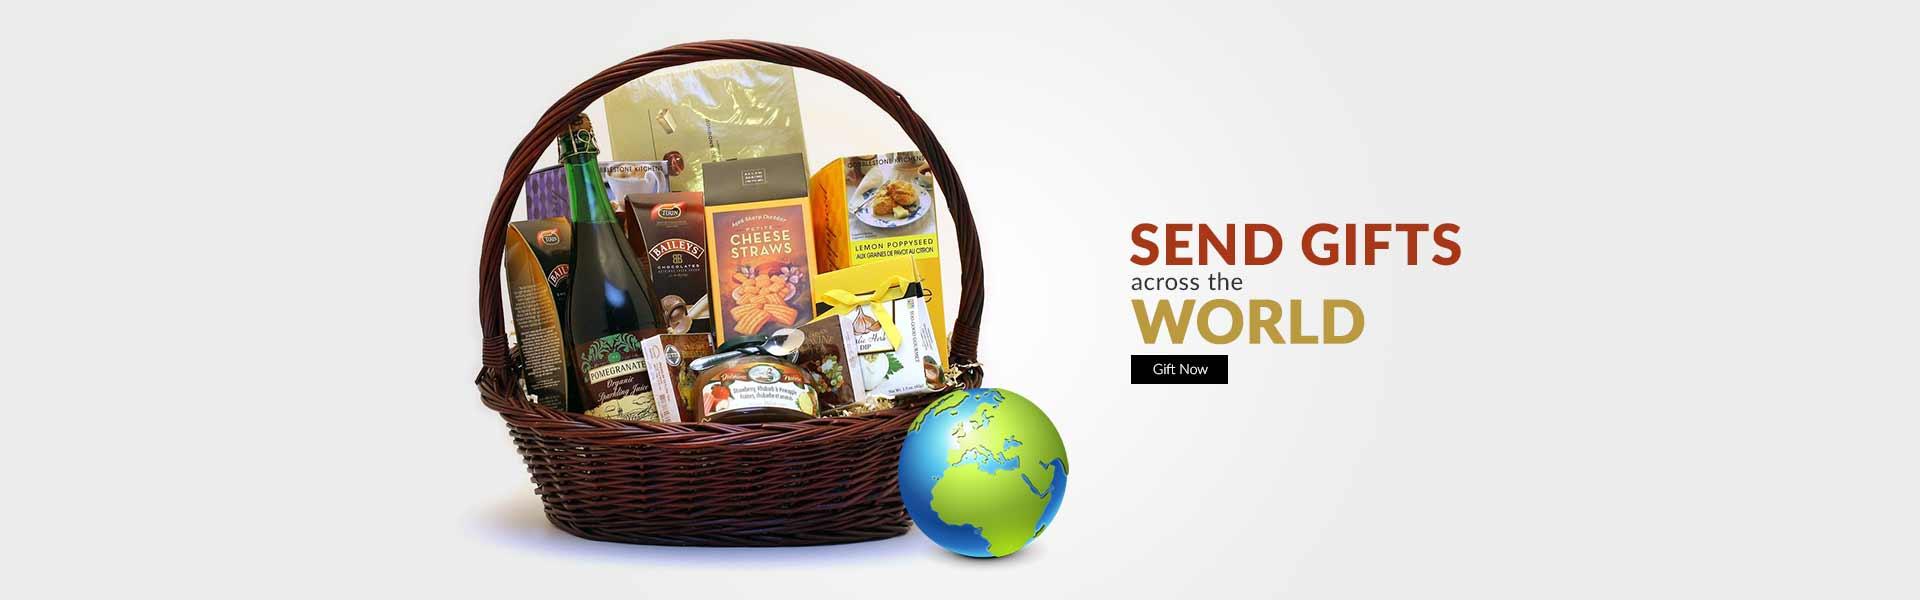 Global-Gifting